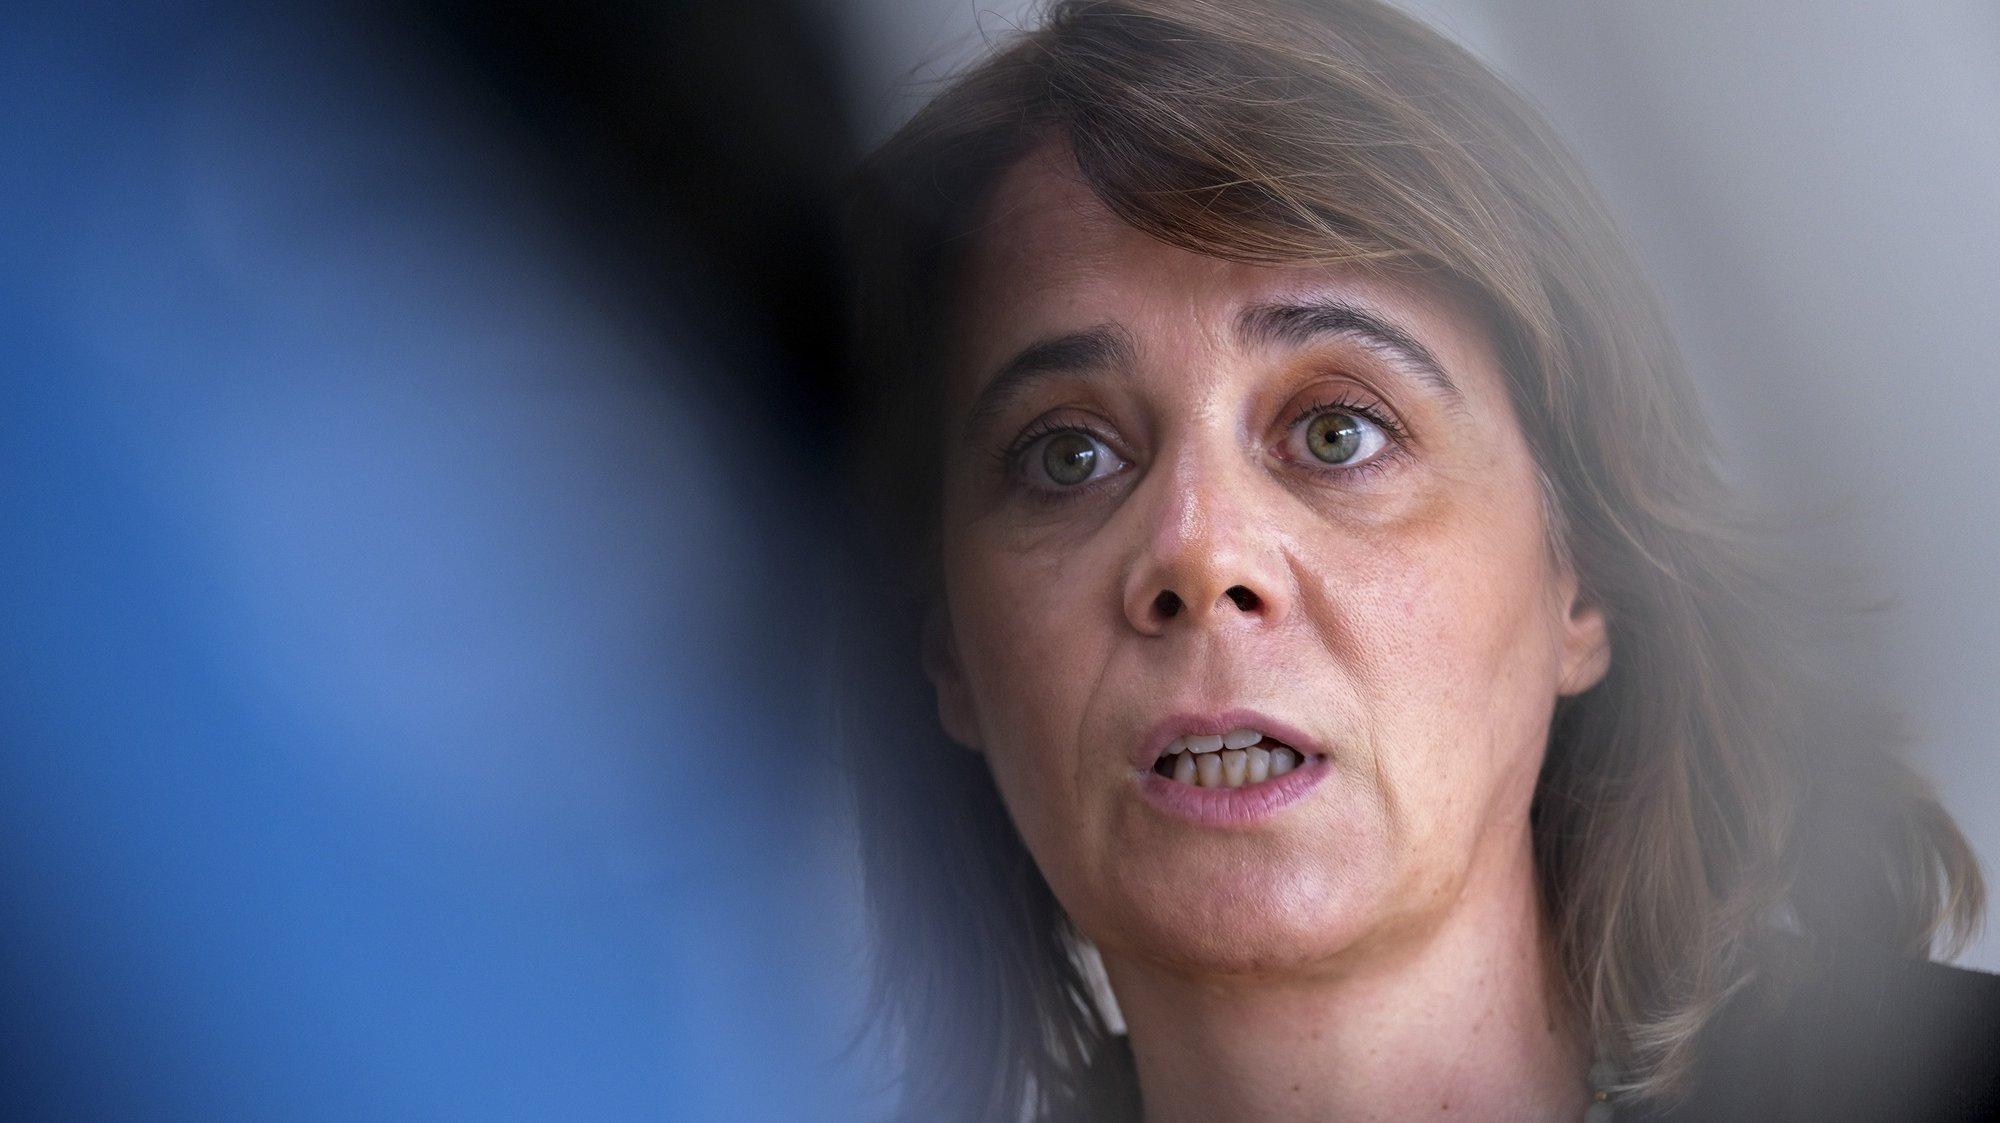 A coordenadora do Bloco de Esquerda (BE), Catarina Martins, fala com os jornalistas durante uma visita às instalações da Escola Superior de Educação de Setúbal (ESE), no Instituto Politécnico de Setúbal (IPS), 06 de julho de 2021. RUI MINDERICO/LUSA